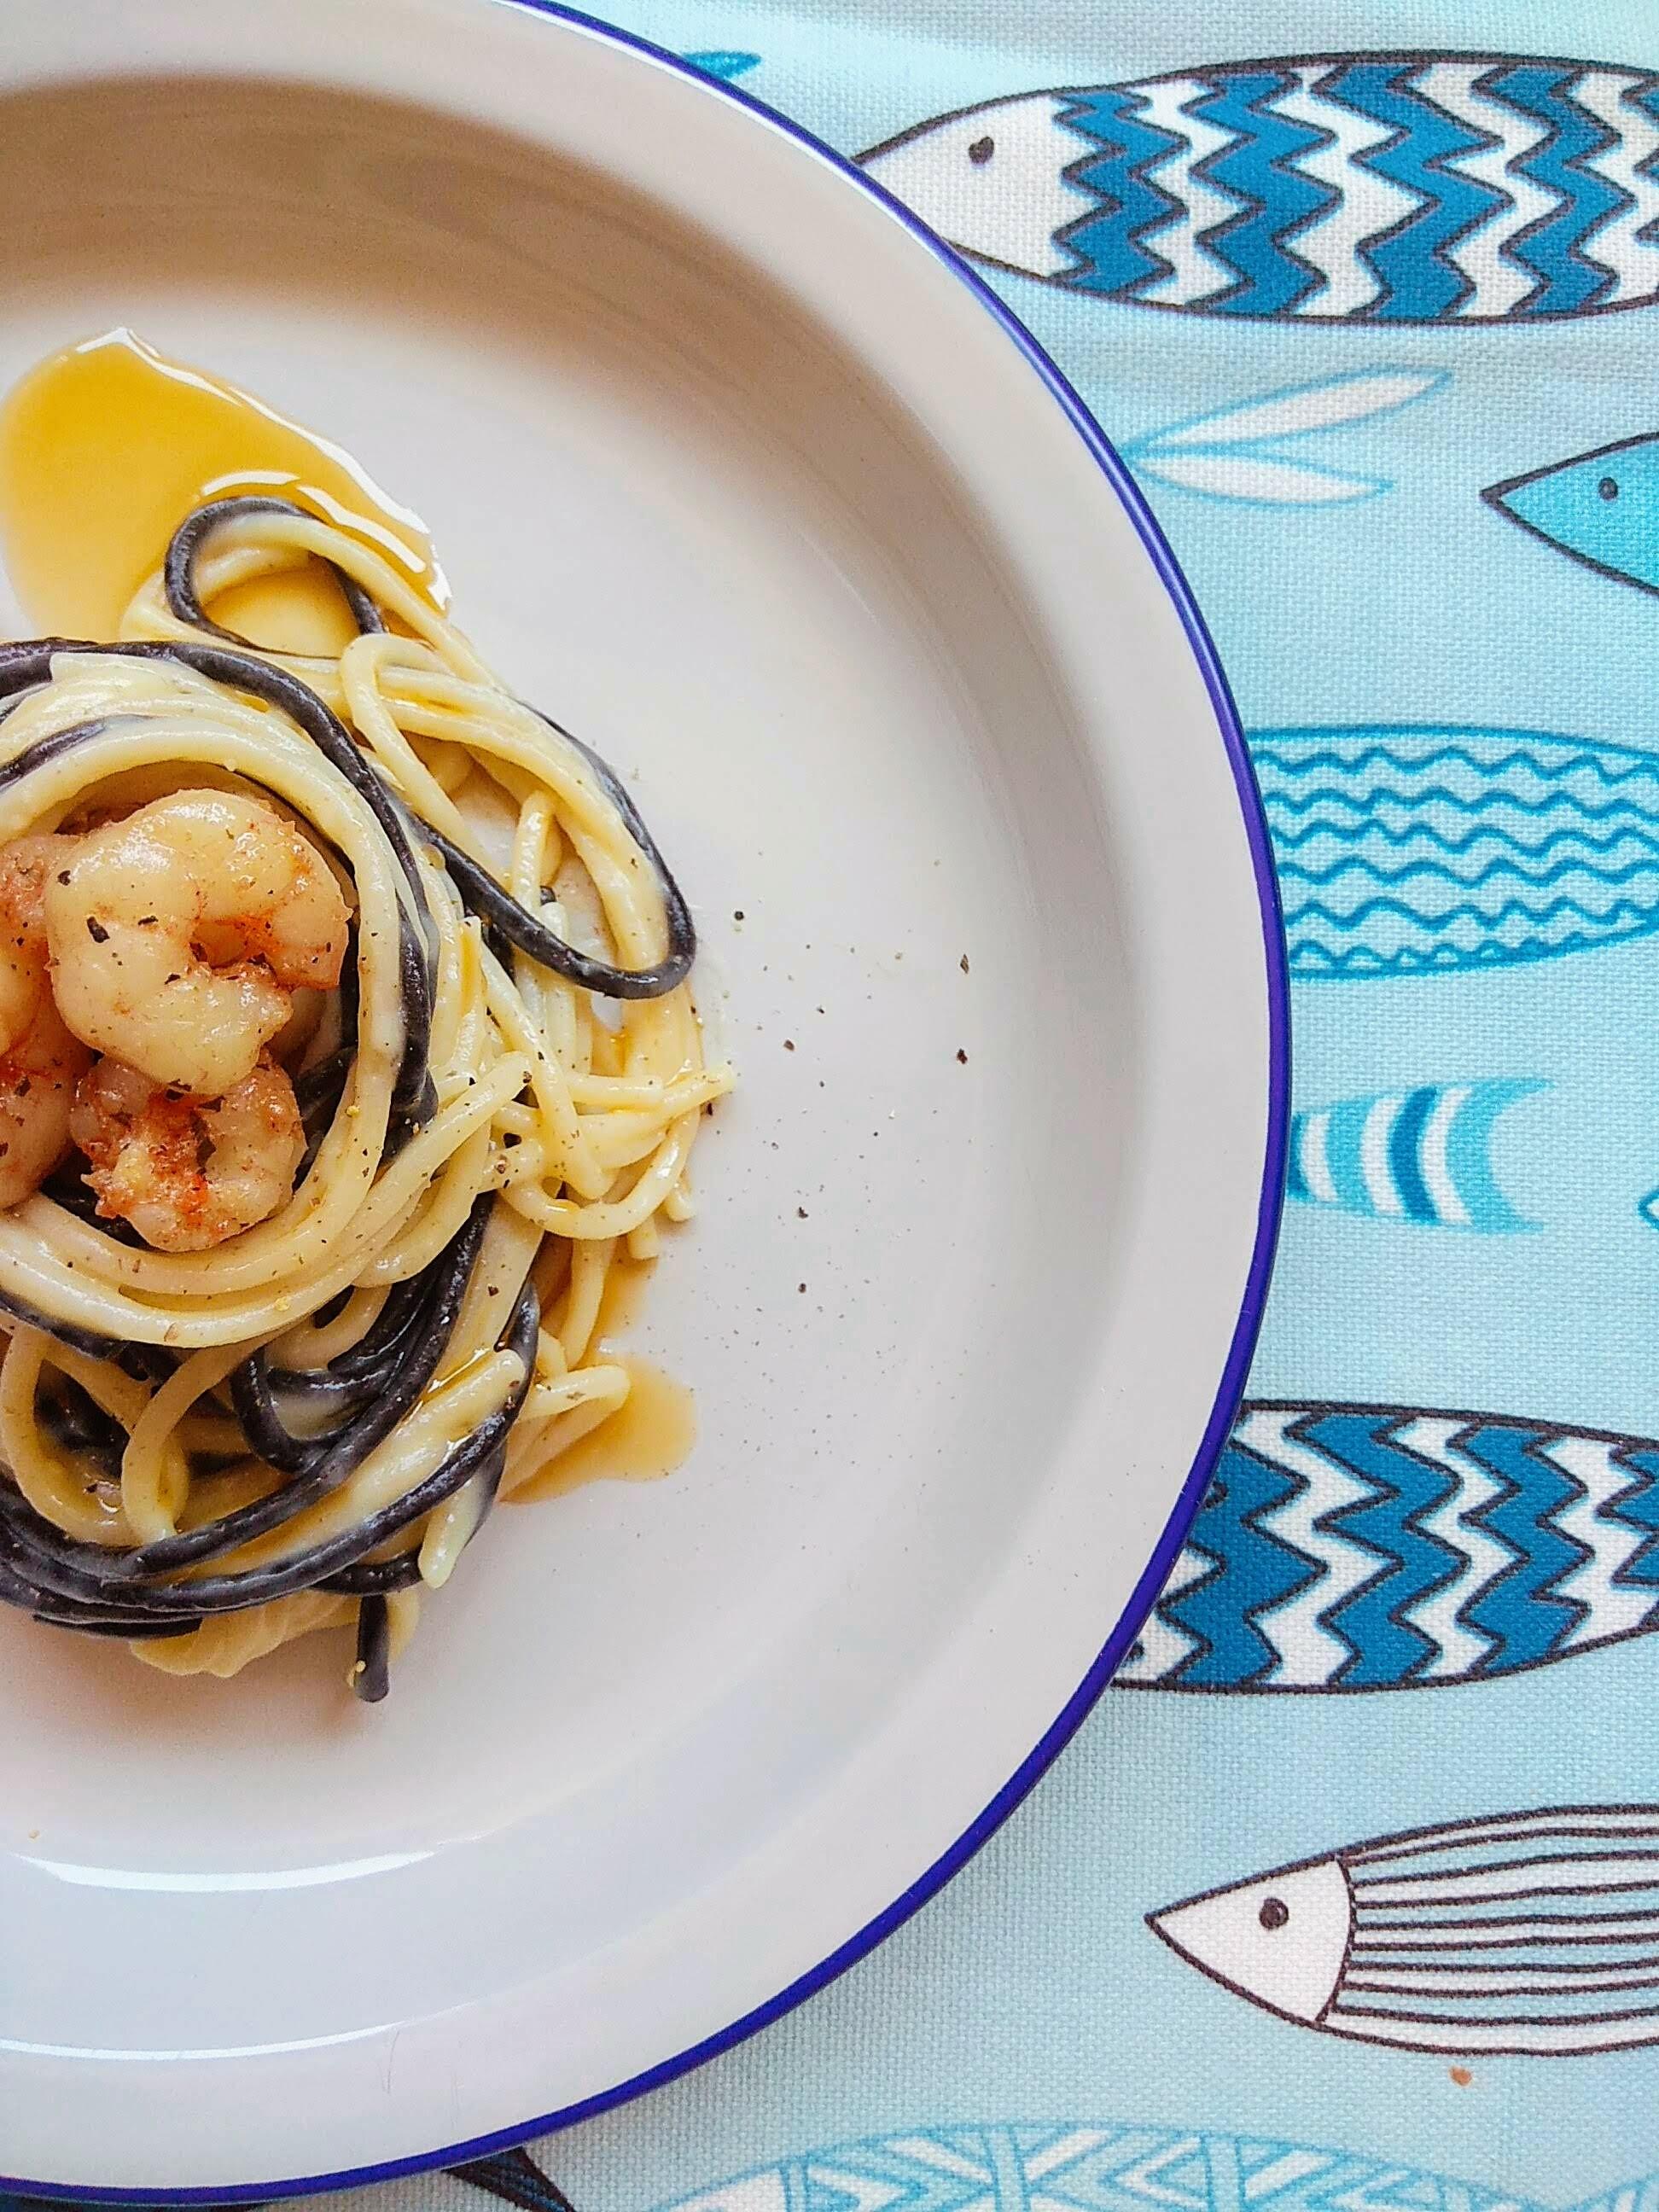 Receta fácil de Espaguetis cremosos con gambas al ajillo. Descúbrela en: www.cocinandoconlola.com